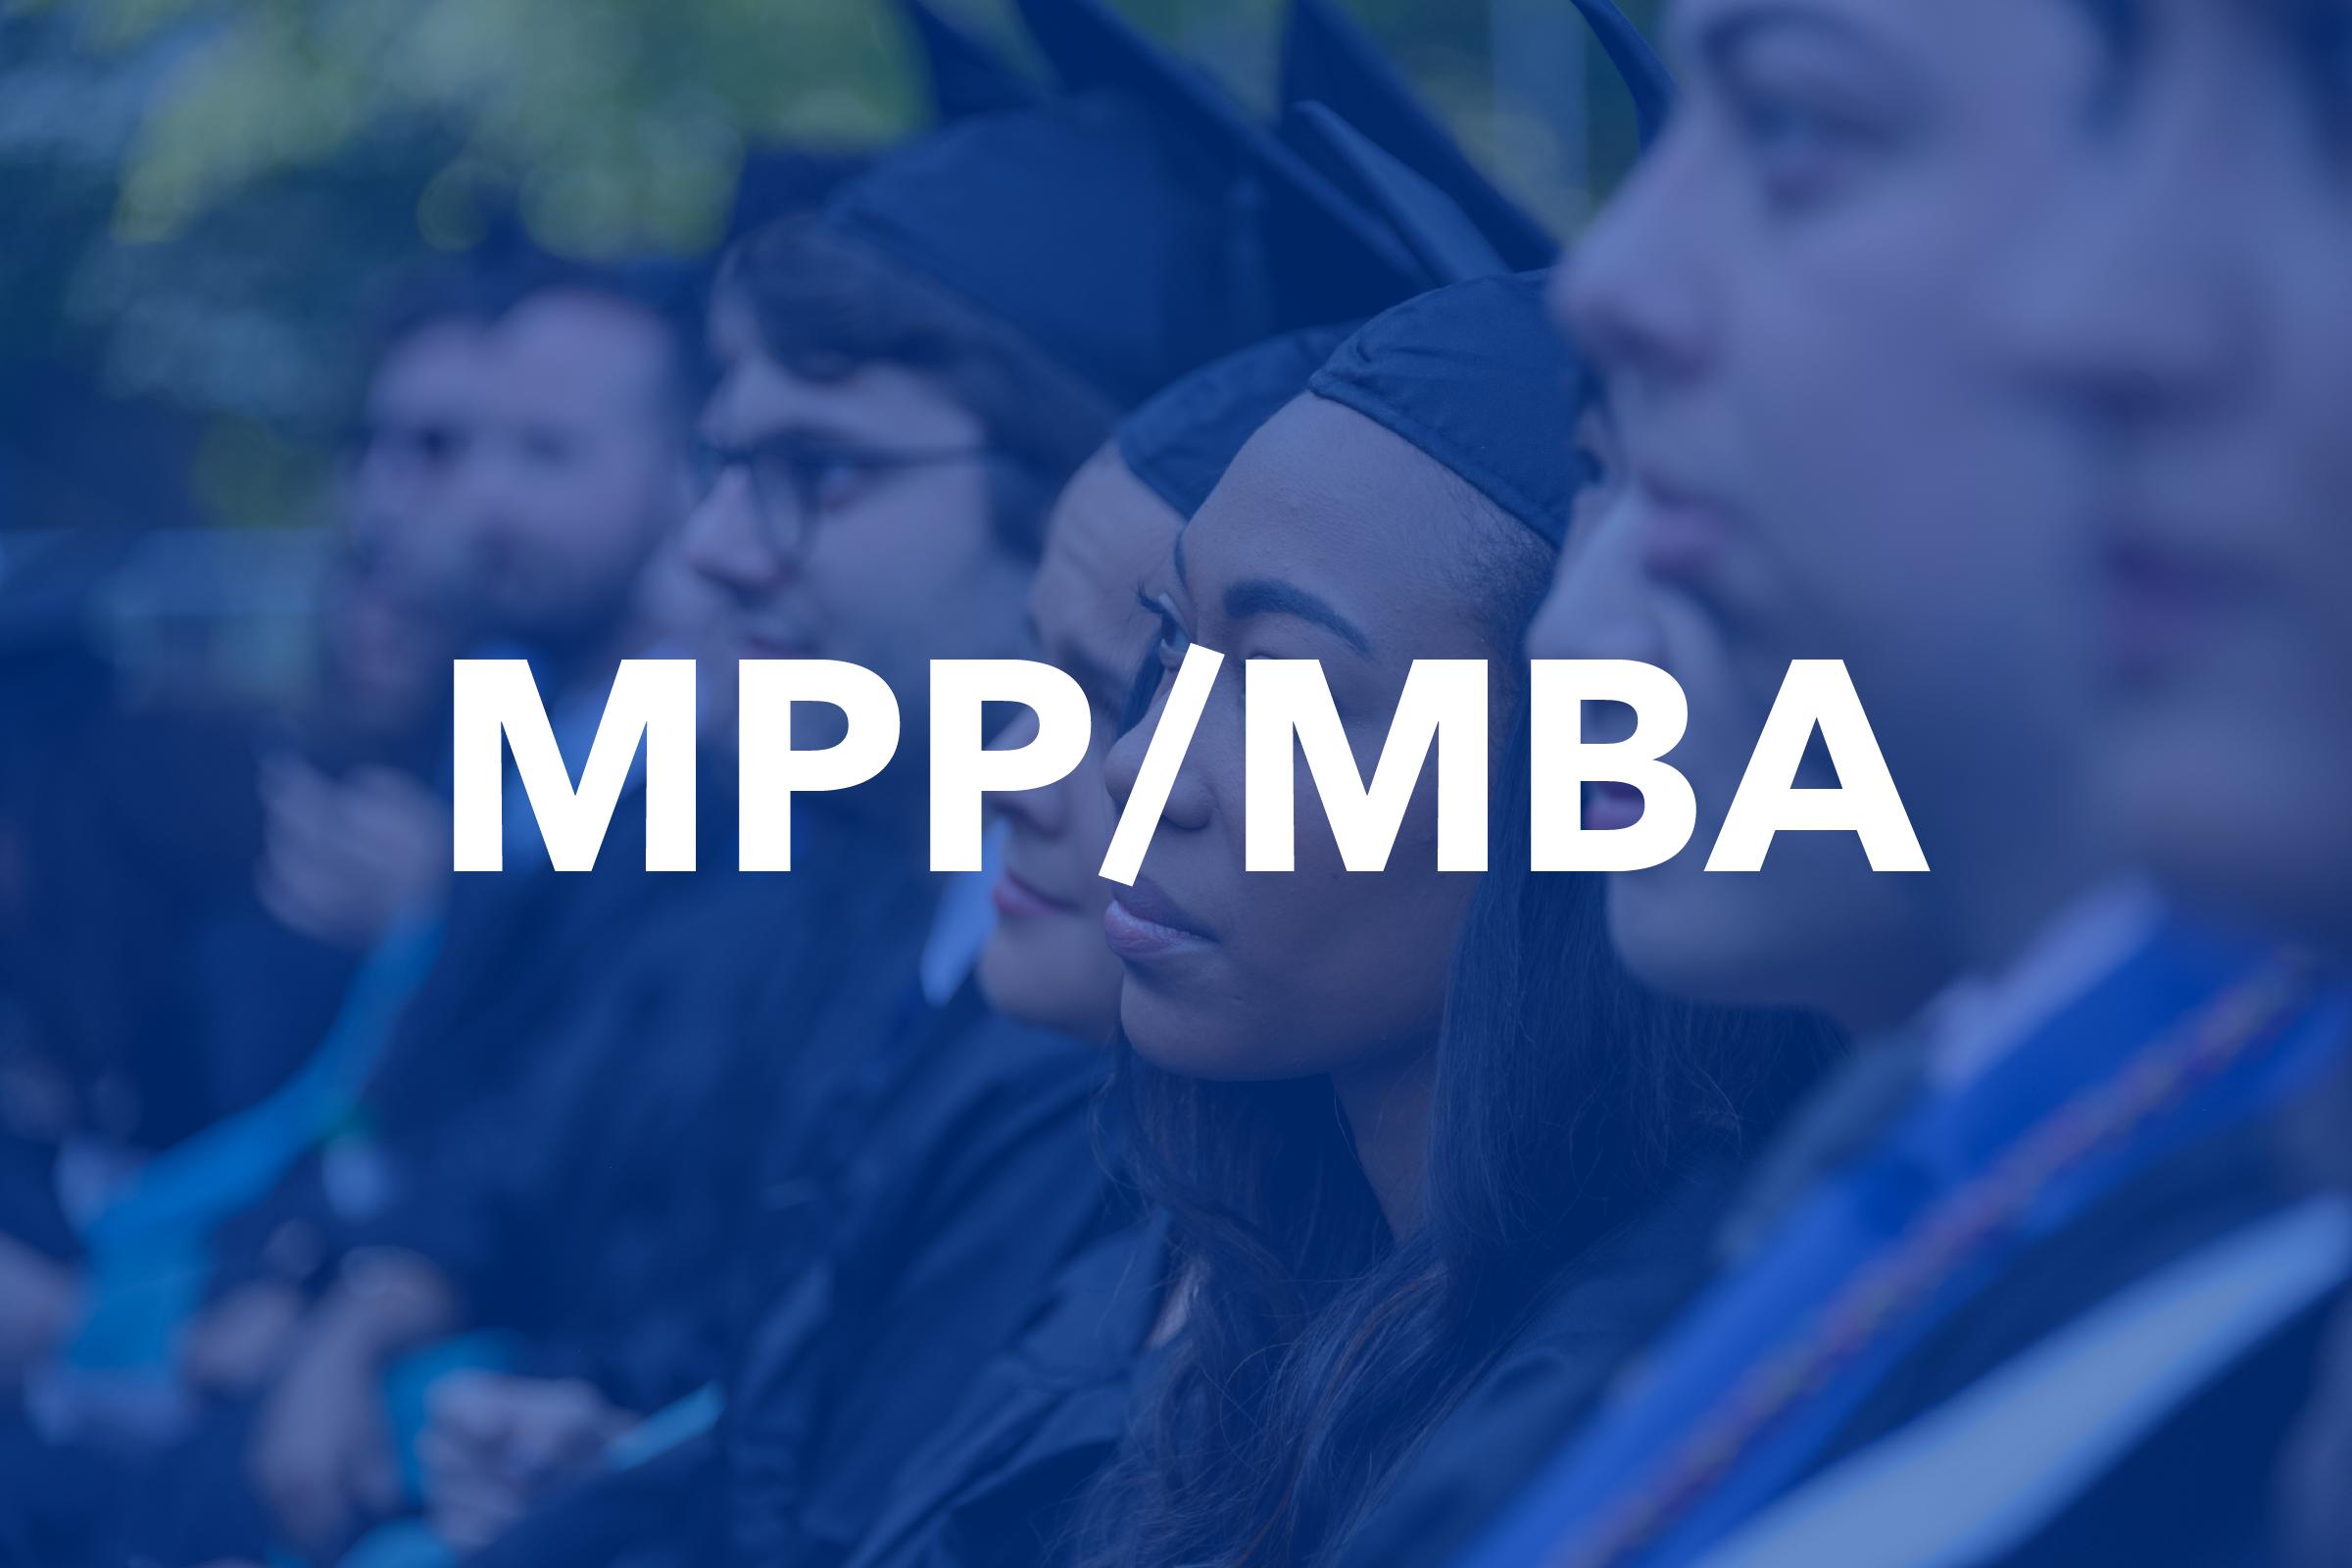 MPP/MBA